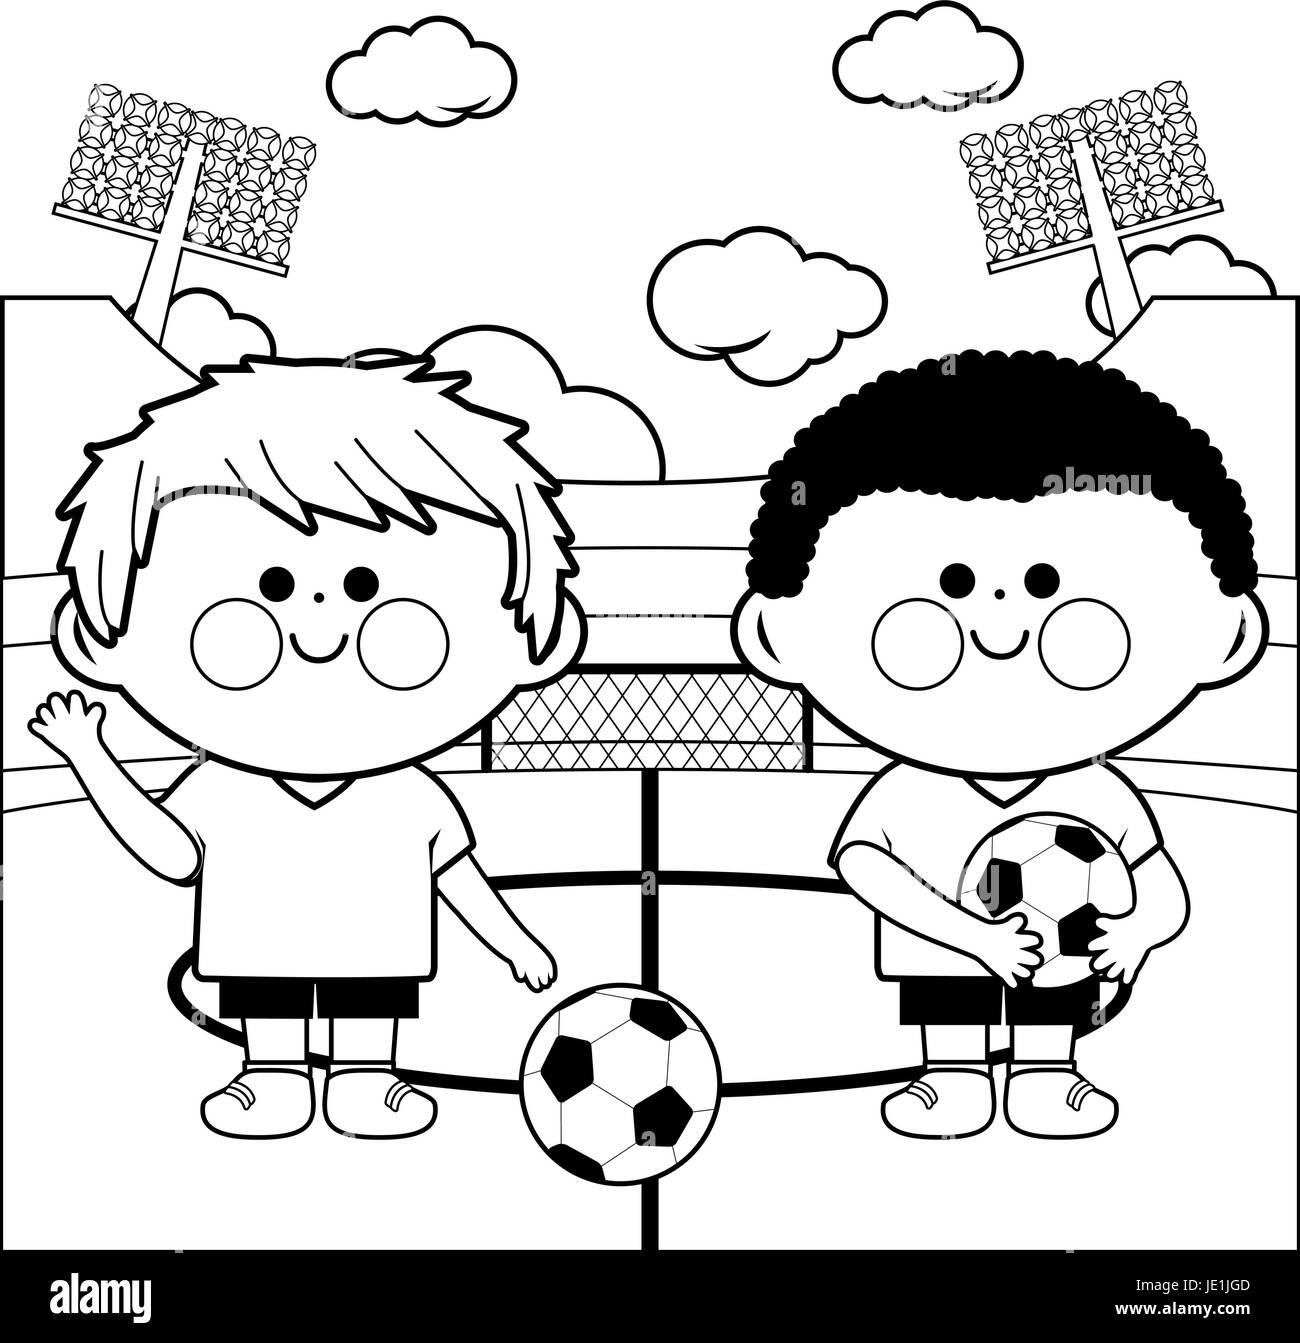 Les Enfants Joueurs De Football Dans Un Stade Coloriage Image Vectorielle Stock Alamy